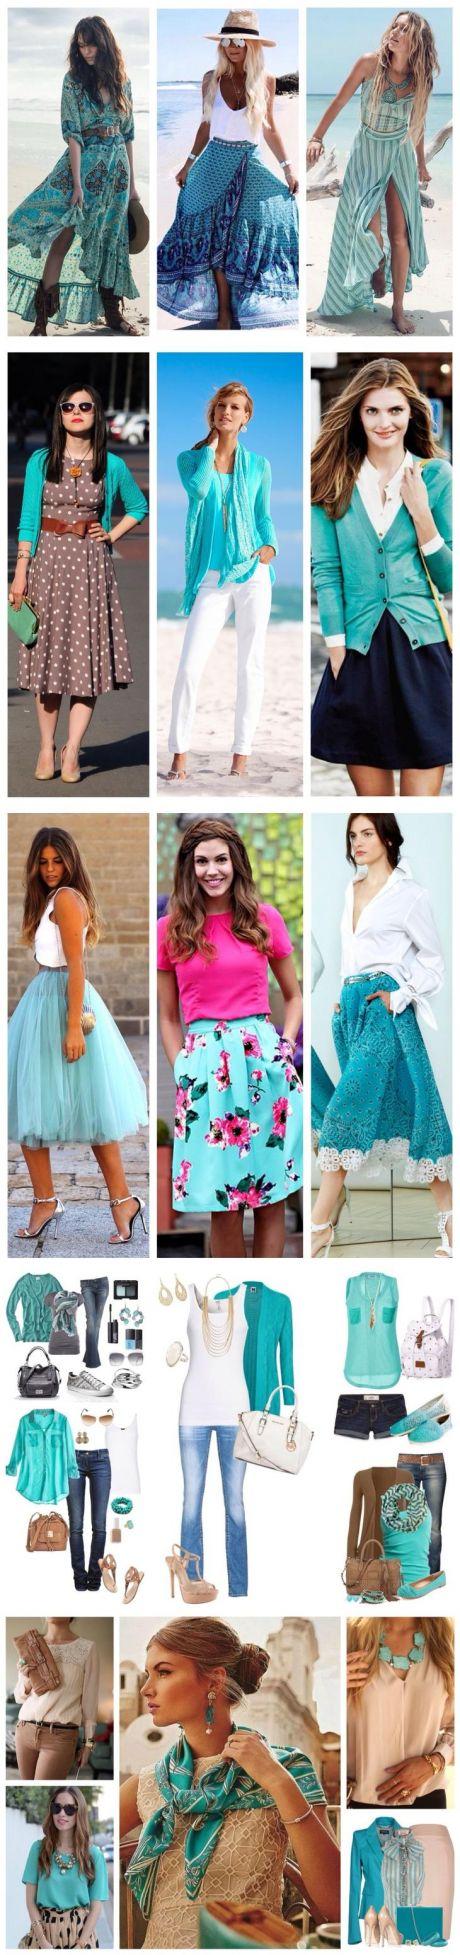 Как правильно сочетать бирюзовый цвет в одежде